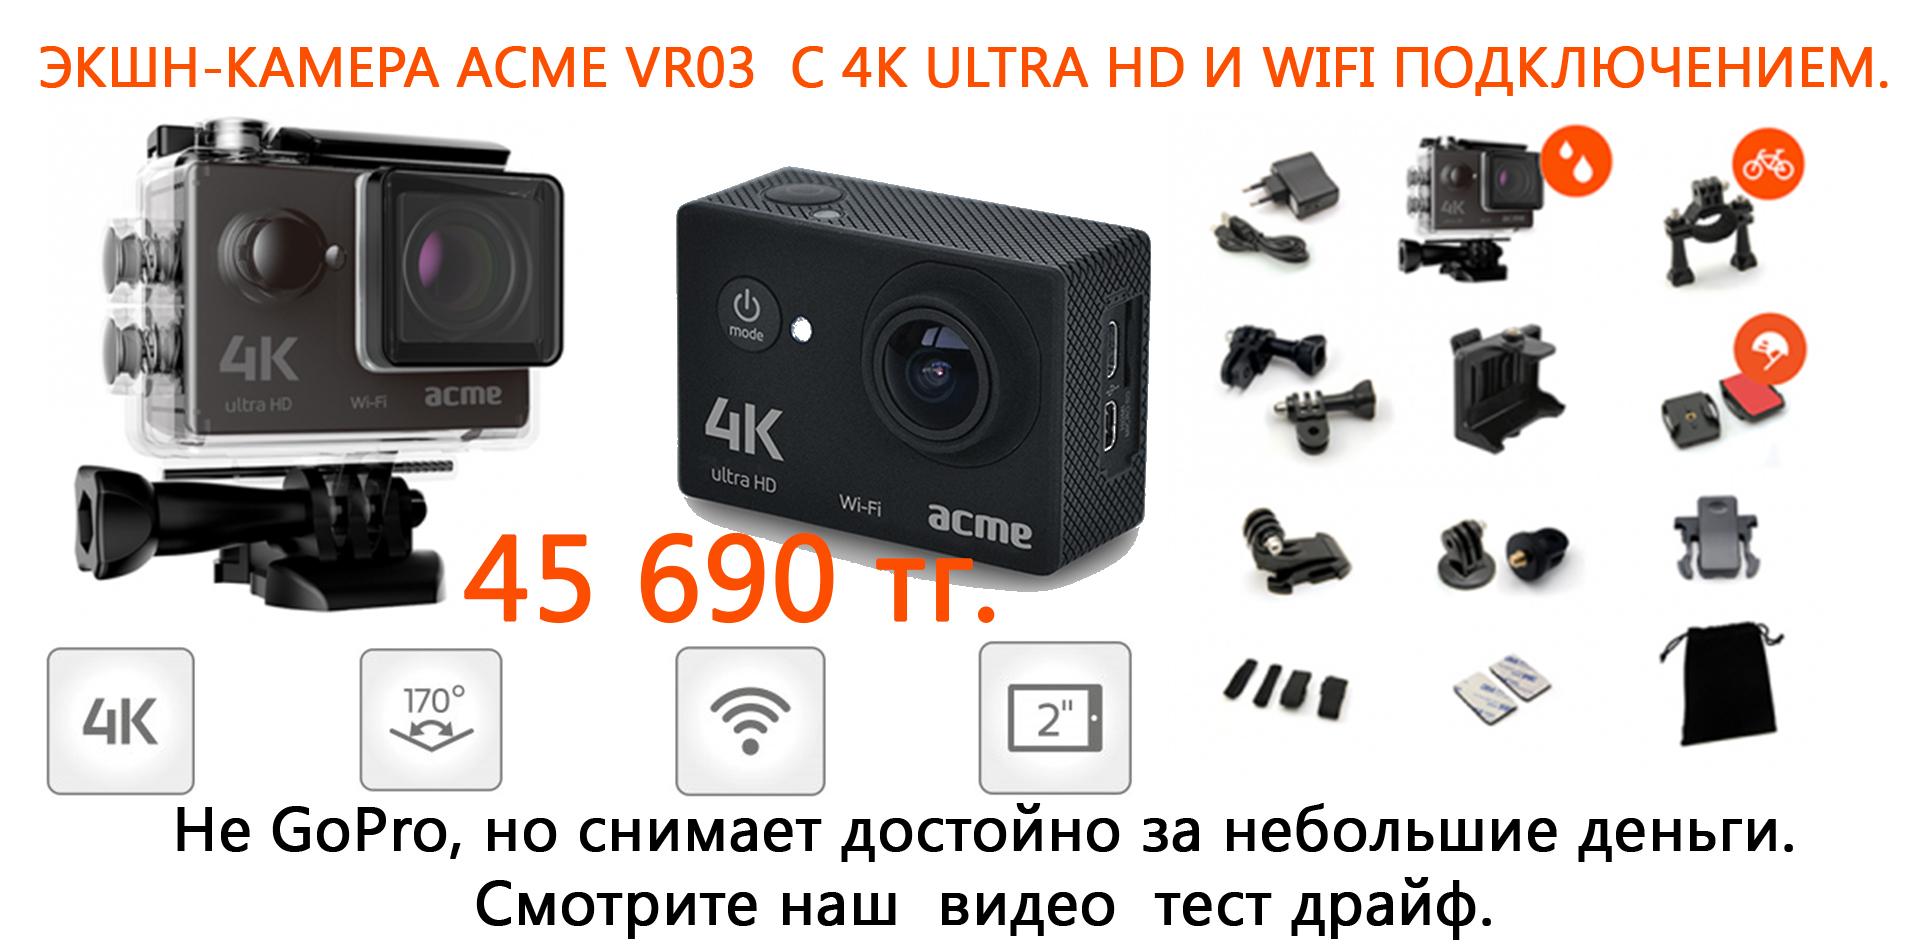 ЭКШН-КАМЕРА ACME VR03